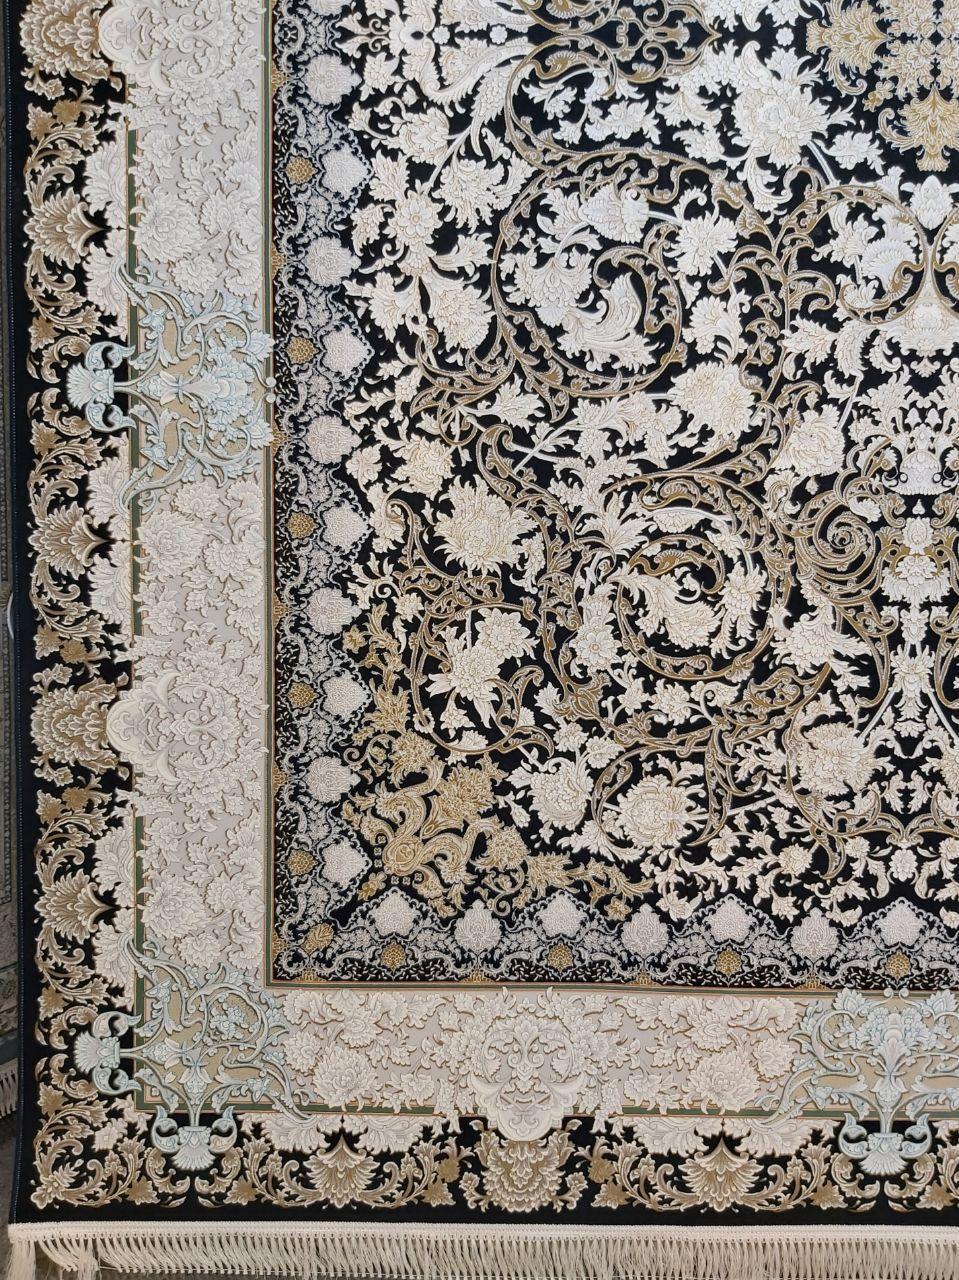 فرش 1200 شانه گل برجسته نقشه آرمان زمینه سرمه ای